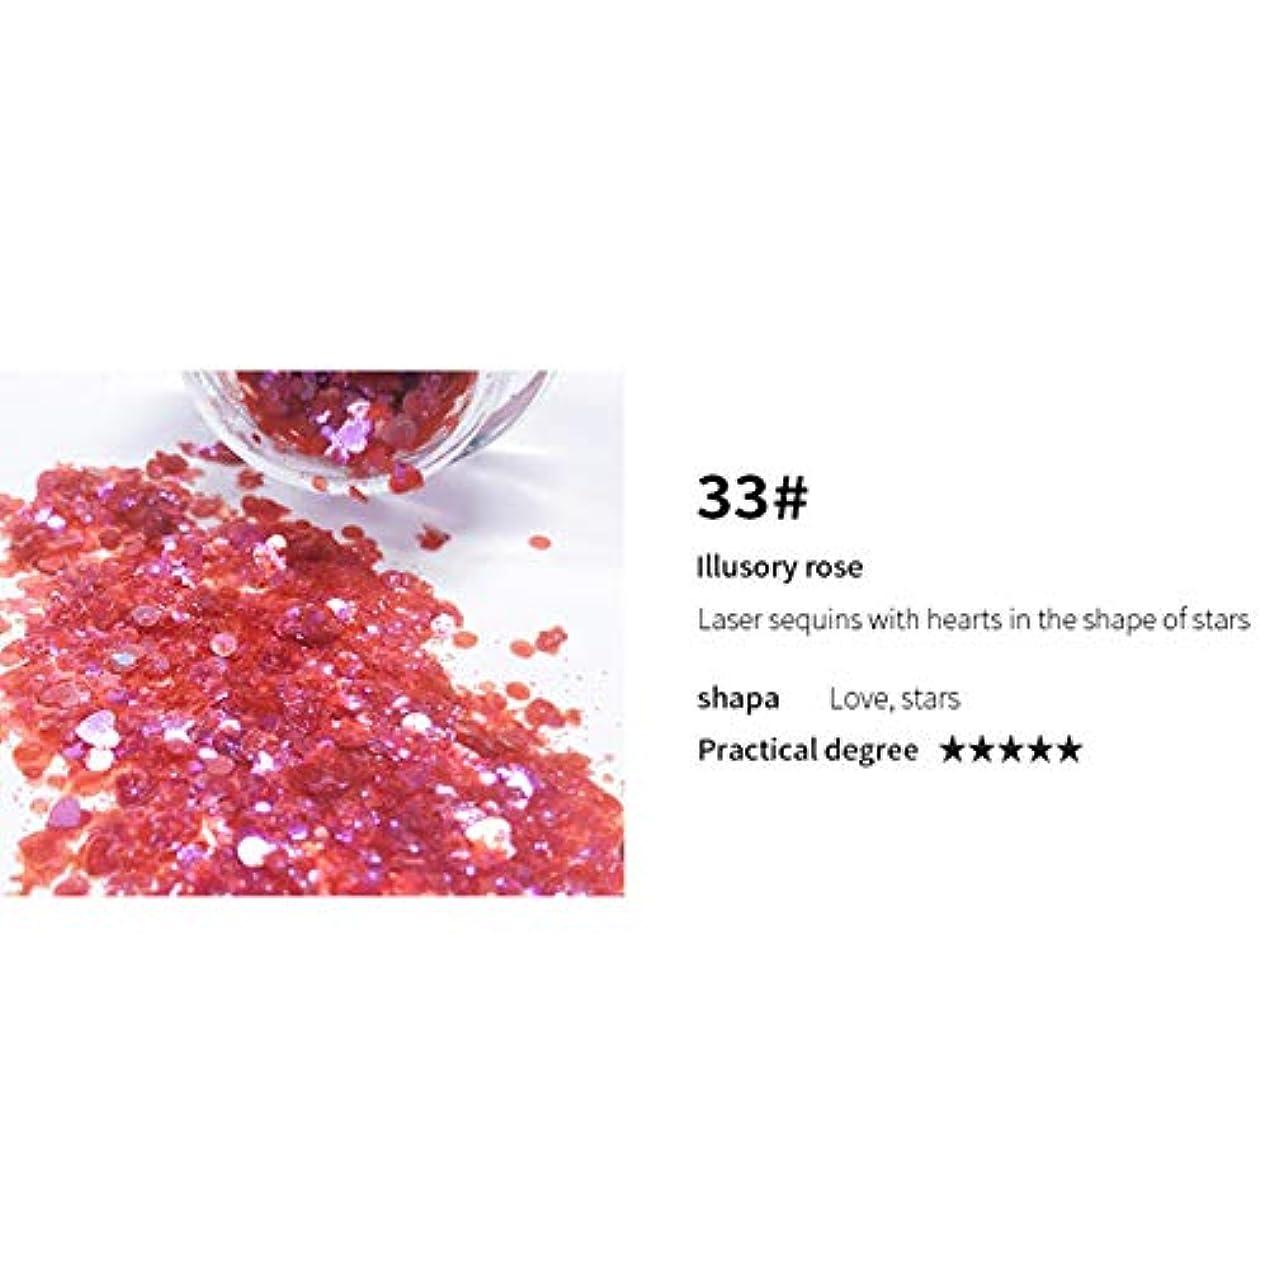 大気フィードバックラウズACHICOO キラキラパウダー 34色 スパンコール パーティーメイク 輝く カラフル 顔·目·リップ·ボディ·ヘアグリッターフラッシュ ネイル化粧品 ファッション 女性 33#